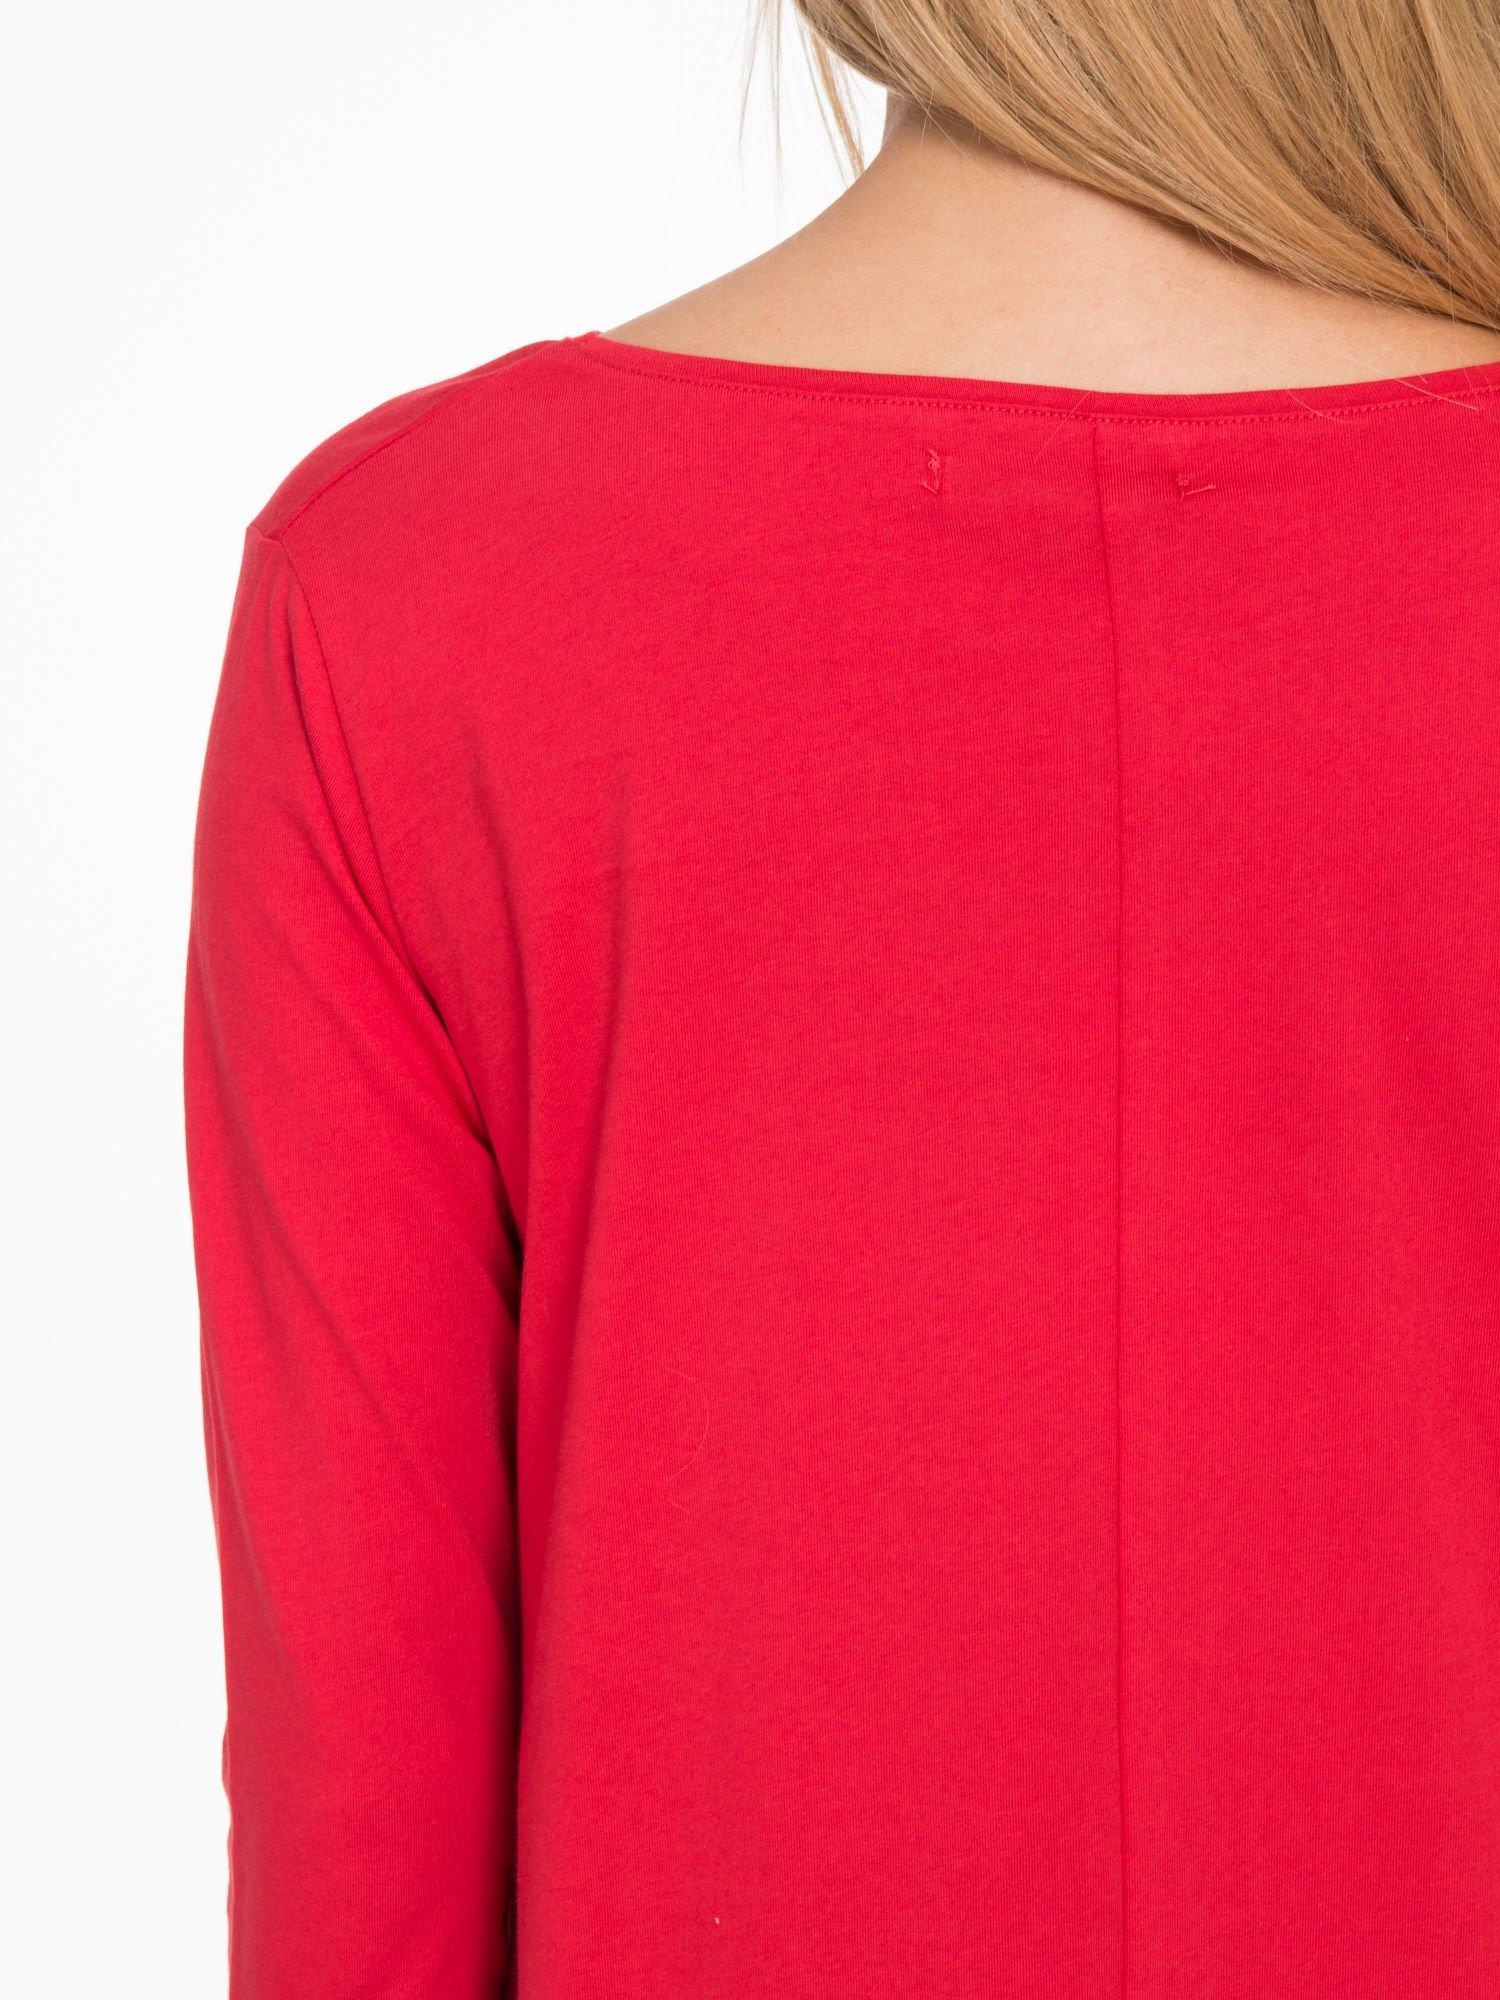 Czerwona bluzka o rozkloszowanym kroju z rękawem 3/4                                  zdj.                                  8